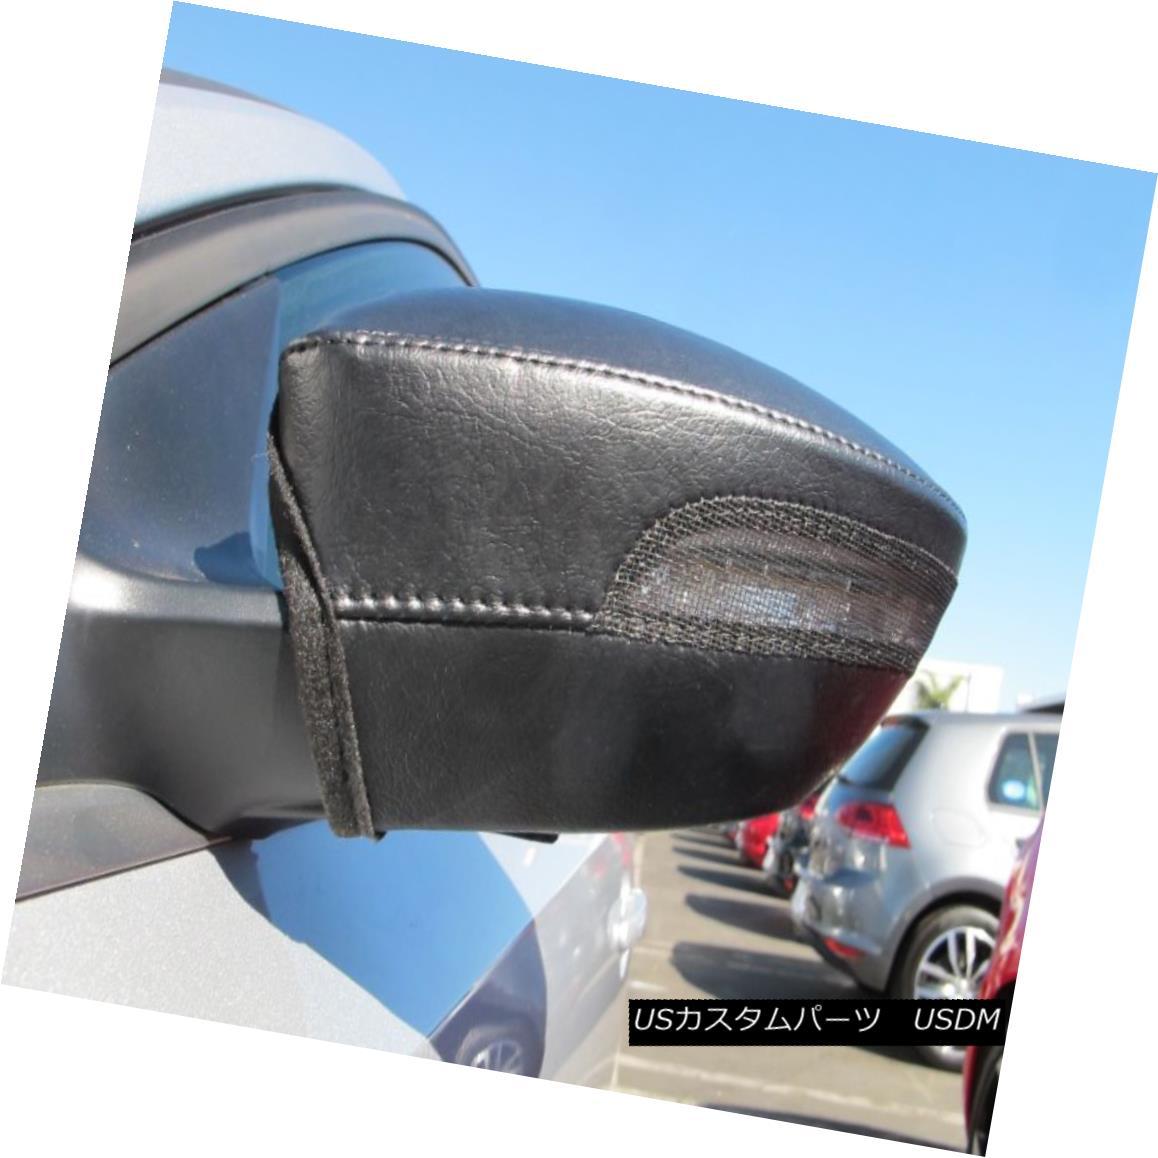 フルブラ ノーズブラ Colgan Car Mirror Covers Bra Black Fits 2015-2016 Volkswagen Jetta Hybrid SEL Colgan Car Mirrors Coversブラブラック2015-2016 Volkswagen JettaハイブリッドSEL